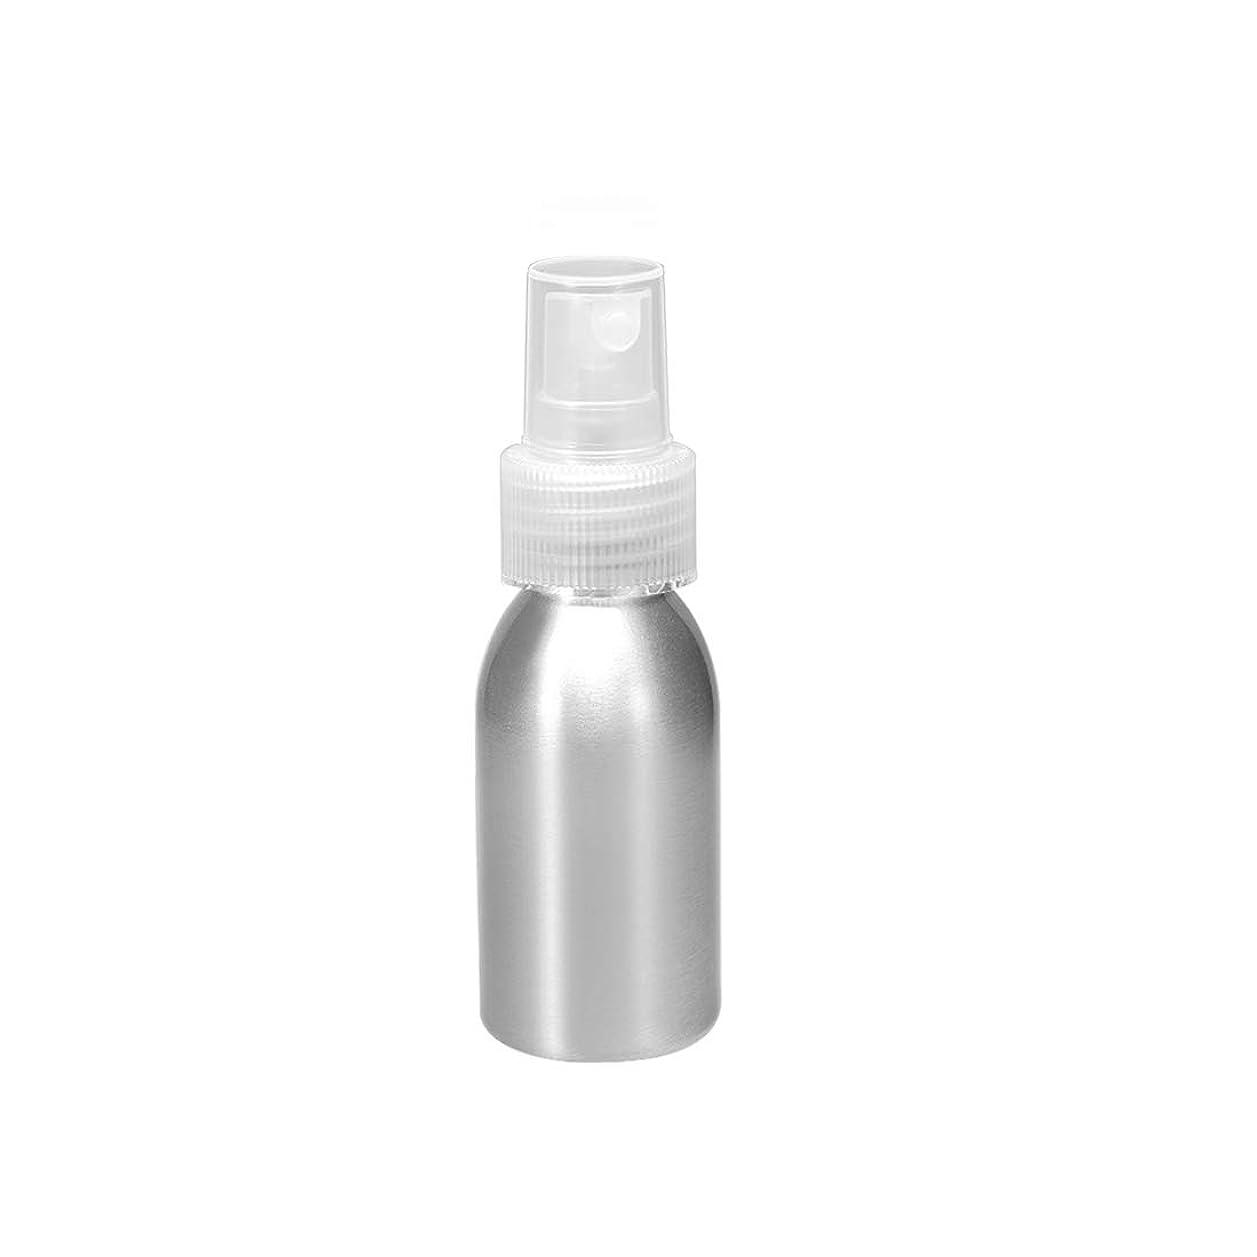 ホールド閉じる理想的にはuxcell uxcell アルミスプレーボトル クリアファインミストスプレー付き 空の詰め替え式コンテナ トラベルボトル 1oz/30ml